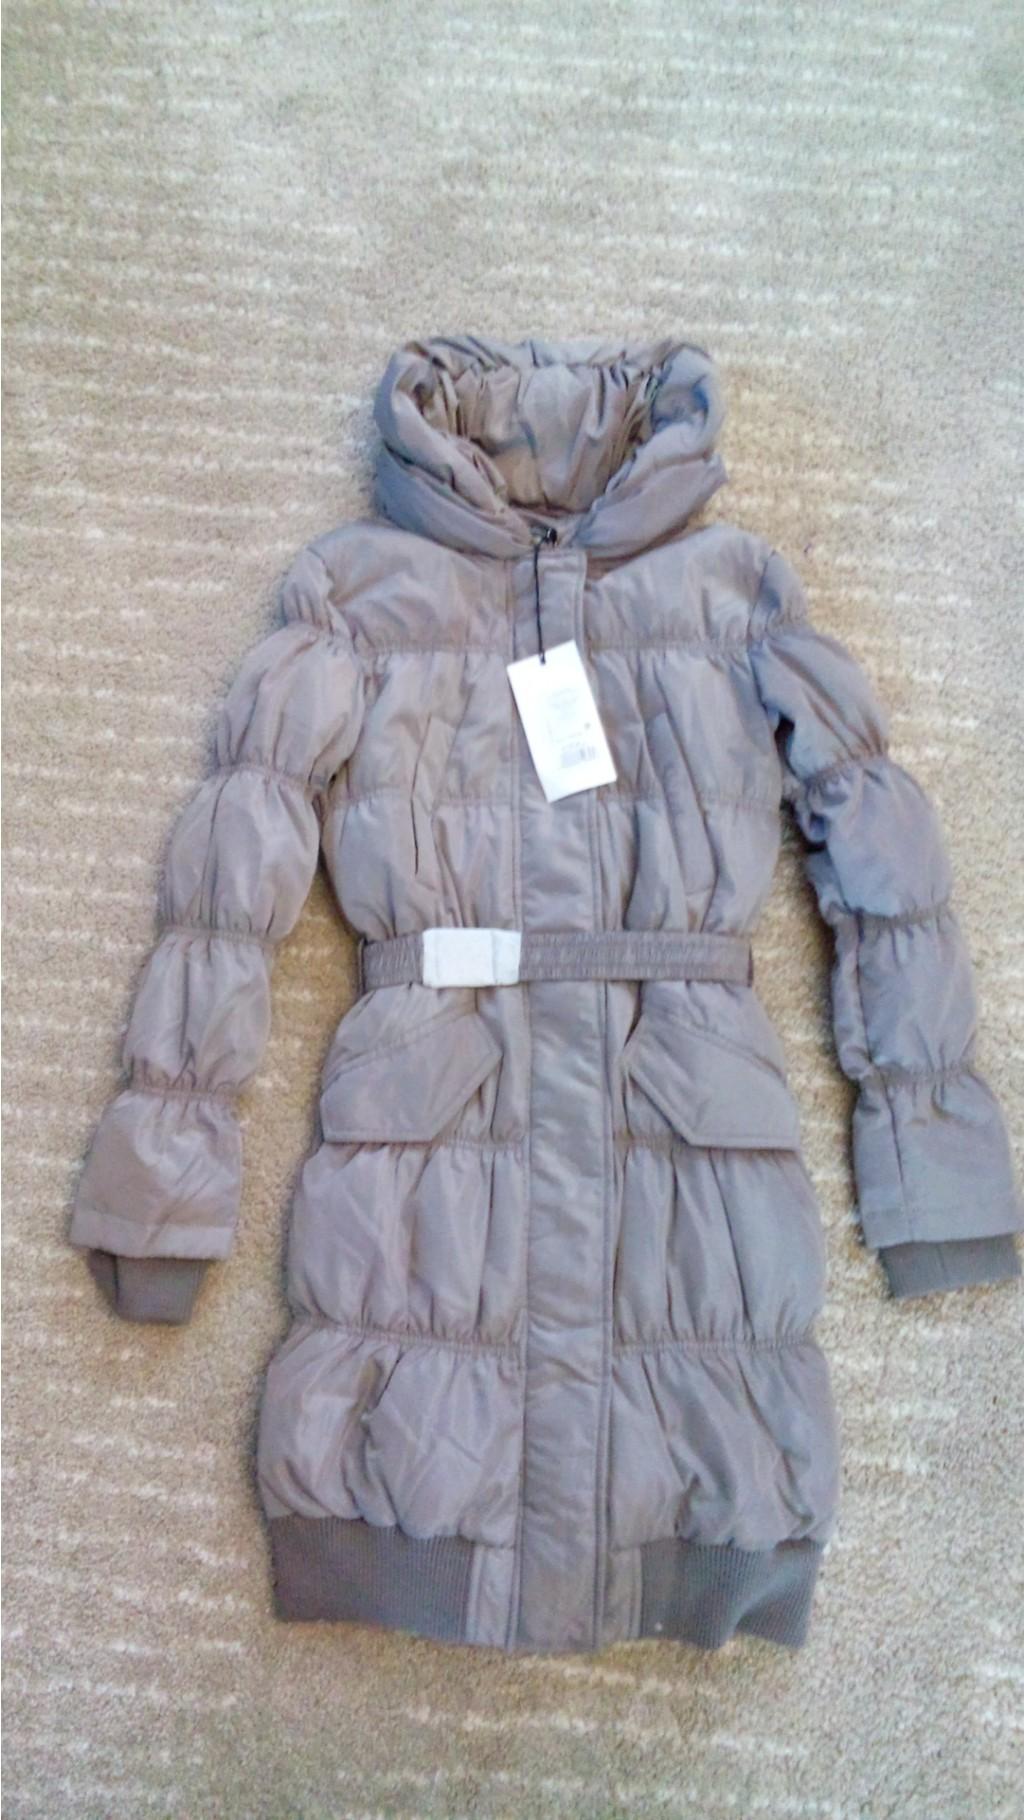 Грандиозный сток-Sale!! Акция от поставщика. Куртки, ветровки, пальто, пуховики для мужчин и женщин, для малышей и подростков. Ликвидация склада. Цены от 290 рублей!!